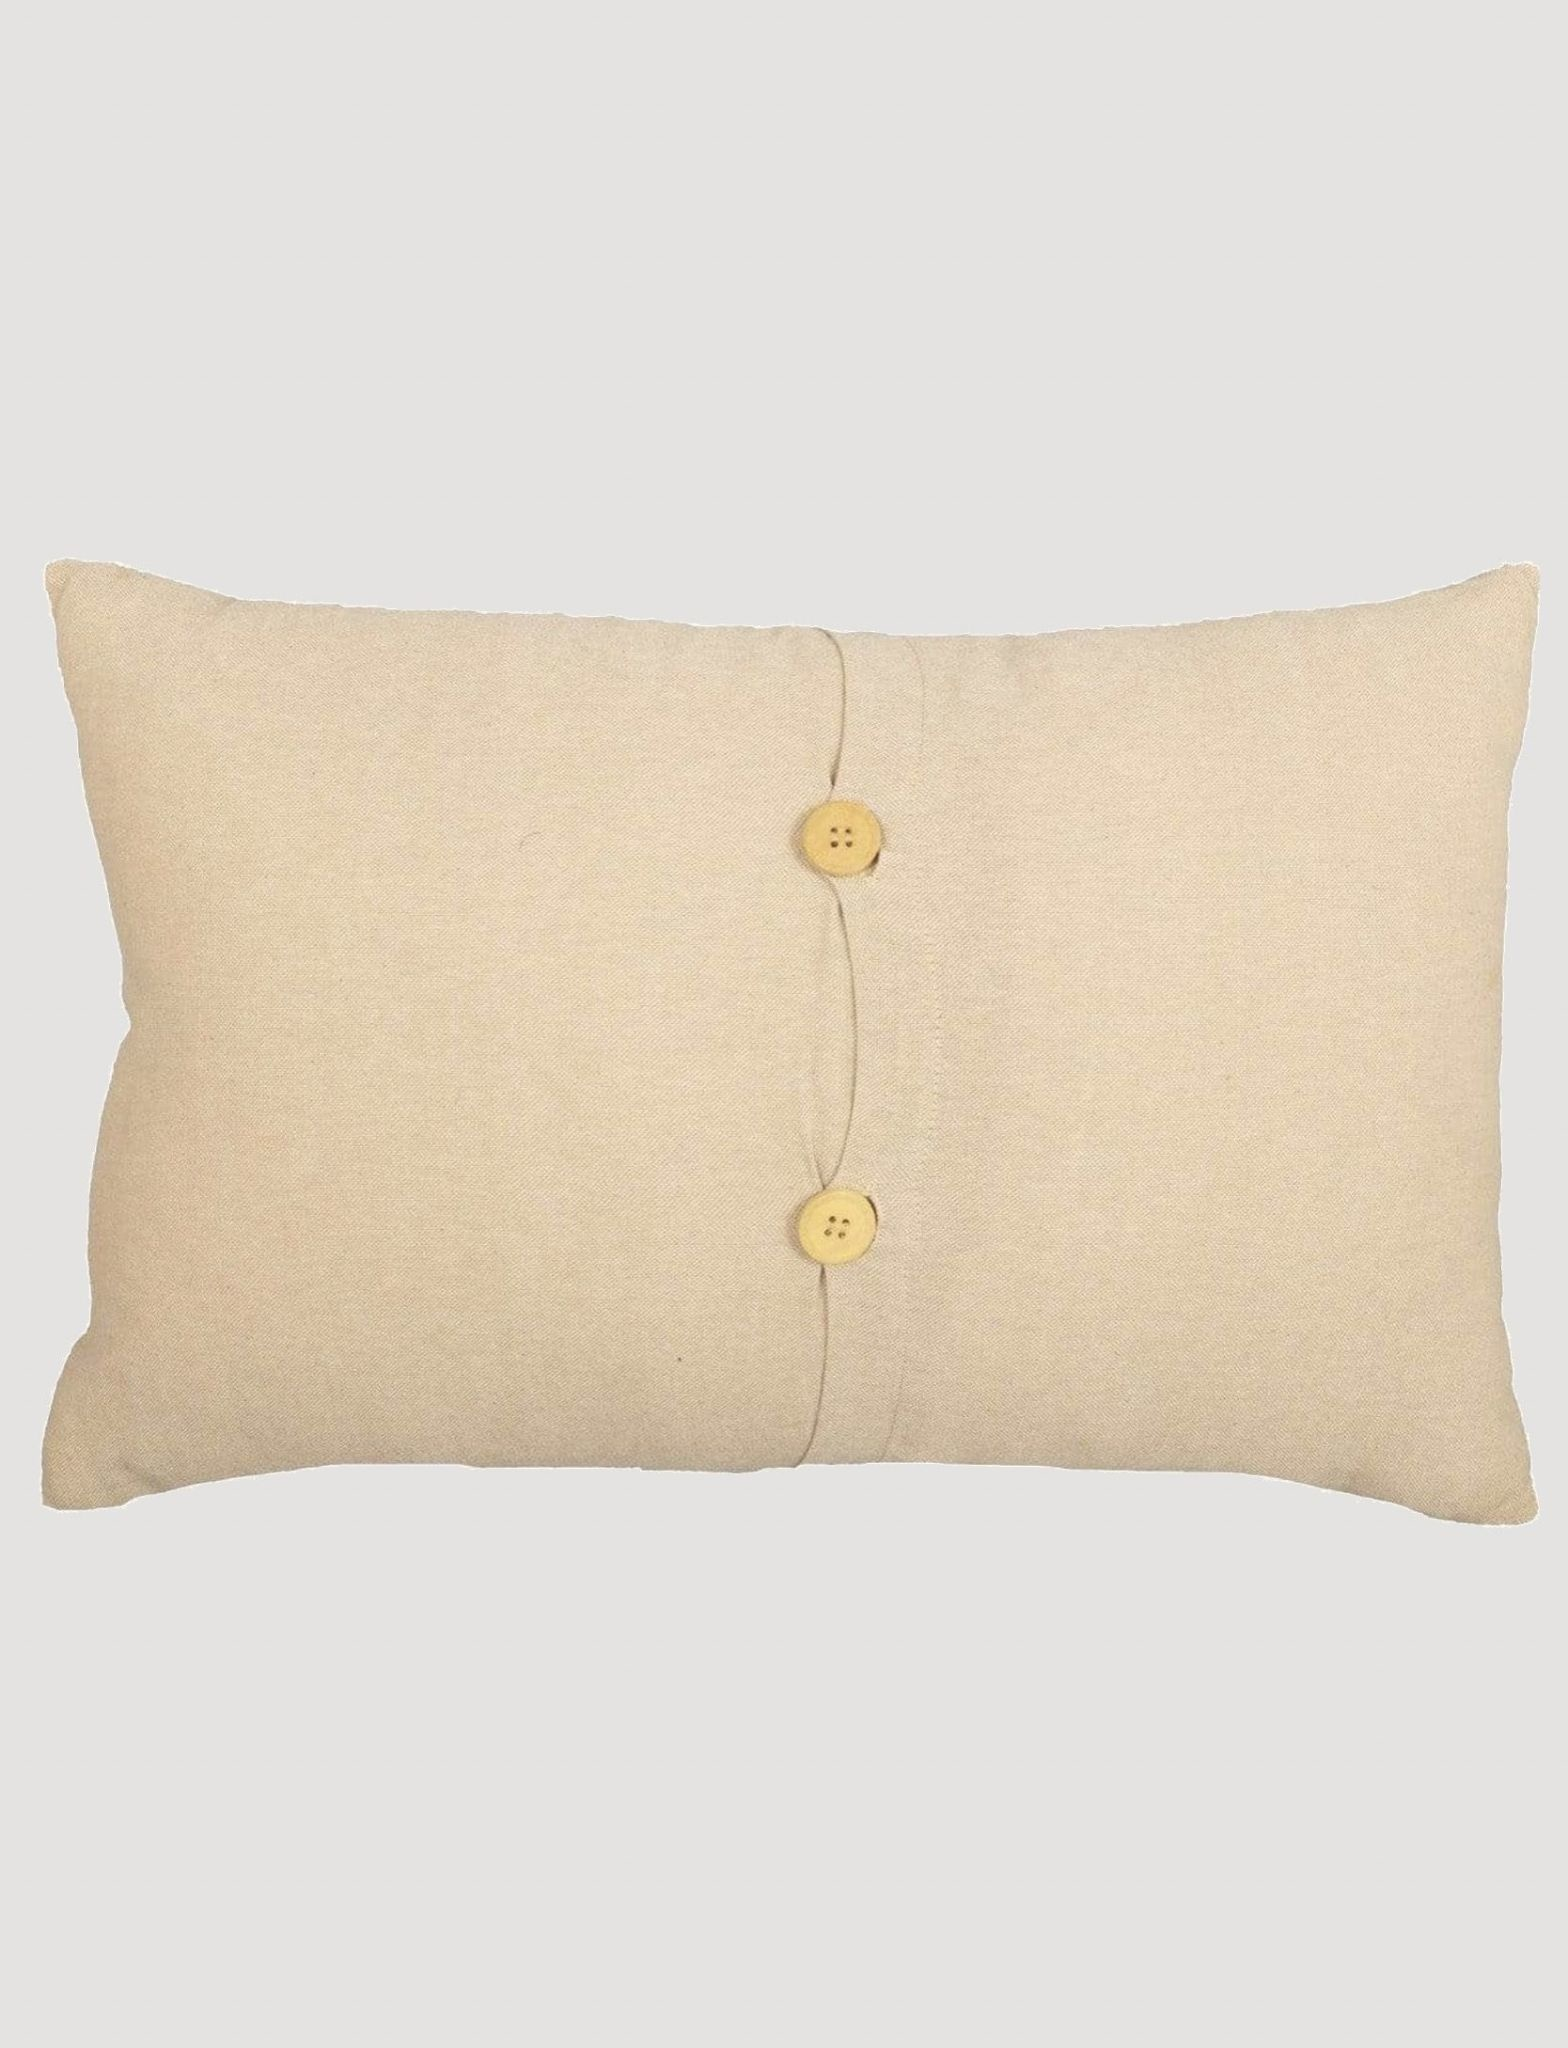 VHC Brands Farmer's Market Garden Veggie Pillow - 14x22